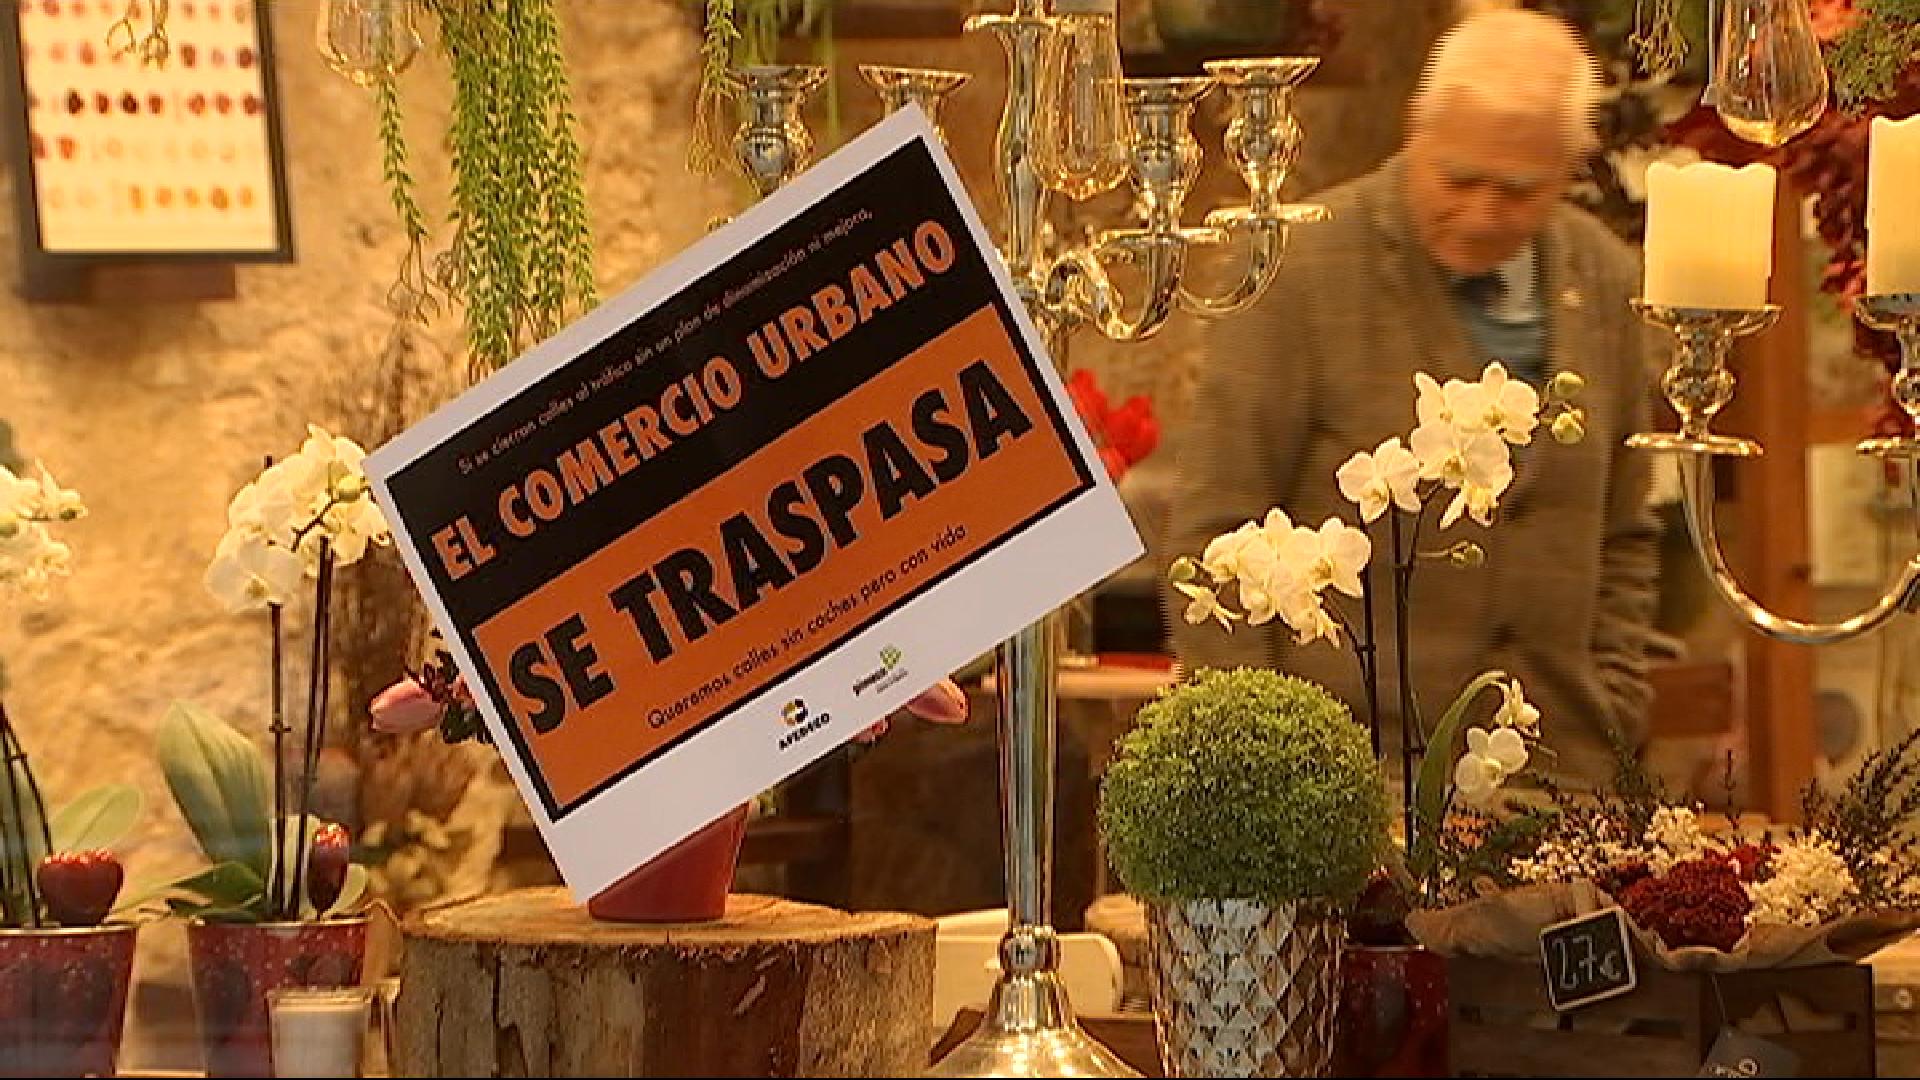 Comerciants+i+restauradors%2C+indignats+pel+tancament+de+carrers+al+centre+de+Palma